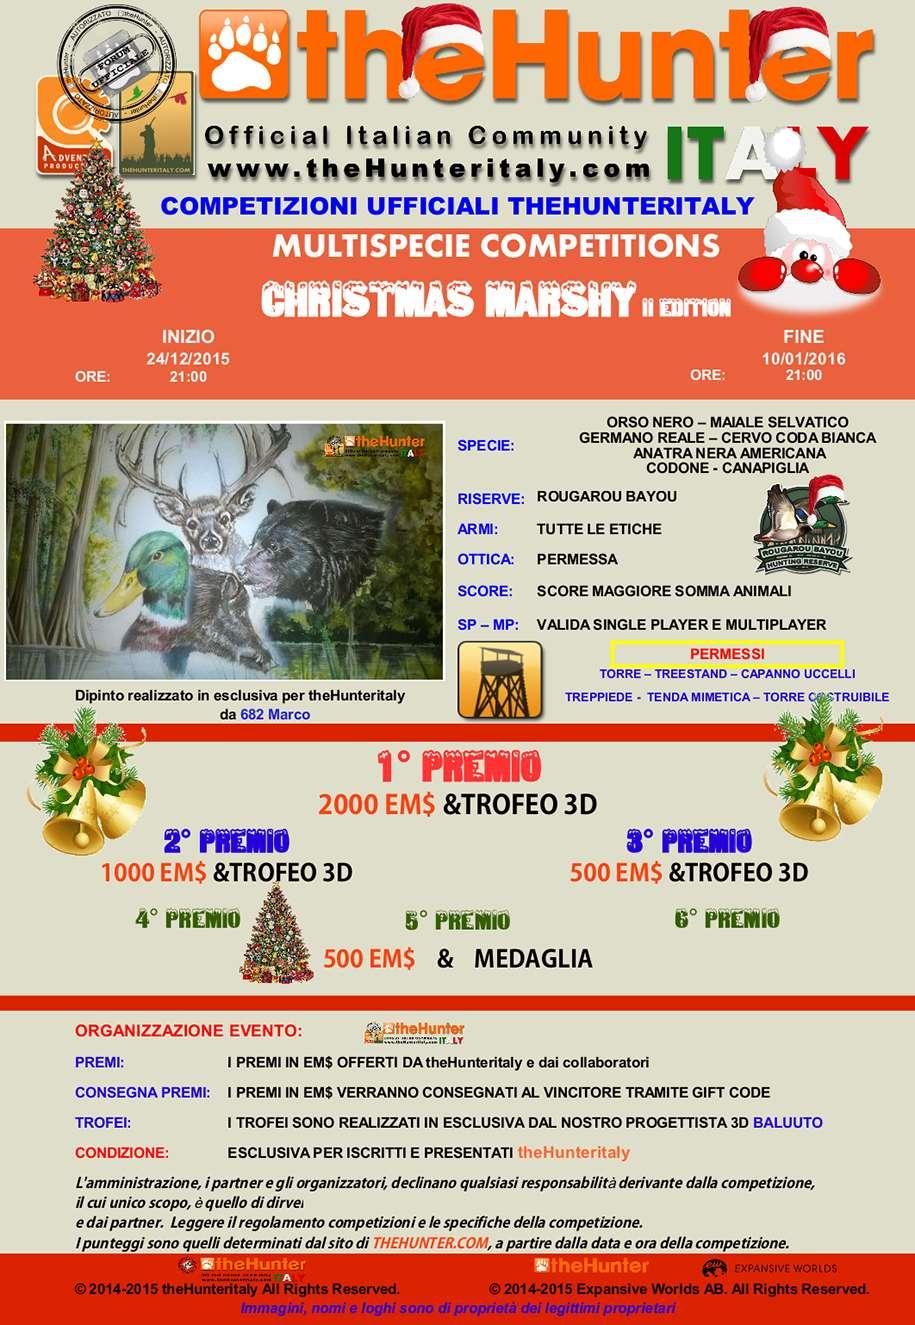 [CONCLUSA] - Competizioni Ufficiali theHunterItaly:  - Christmas Marshy II Edition - Multispecie Multis14